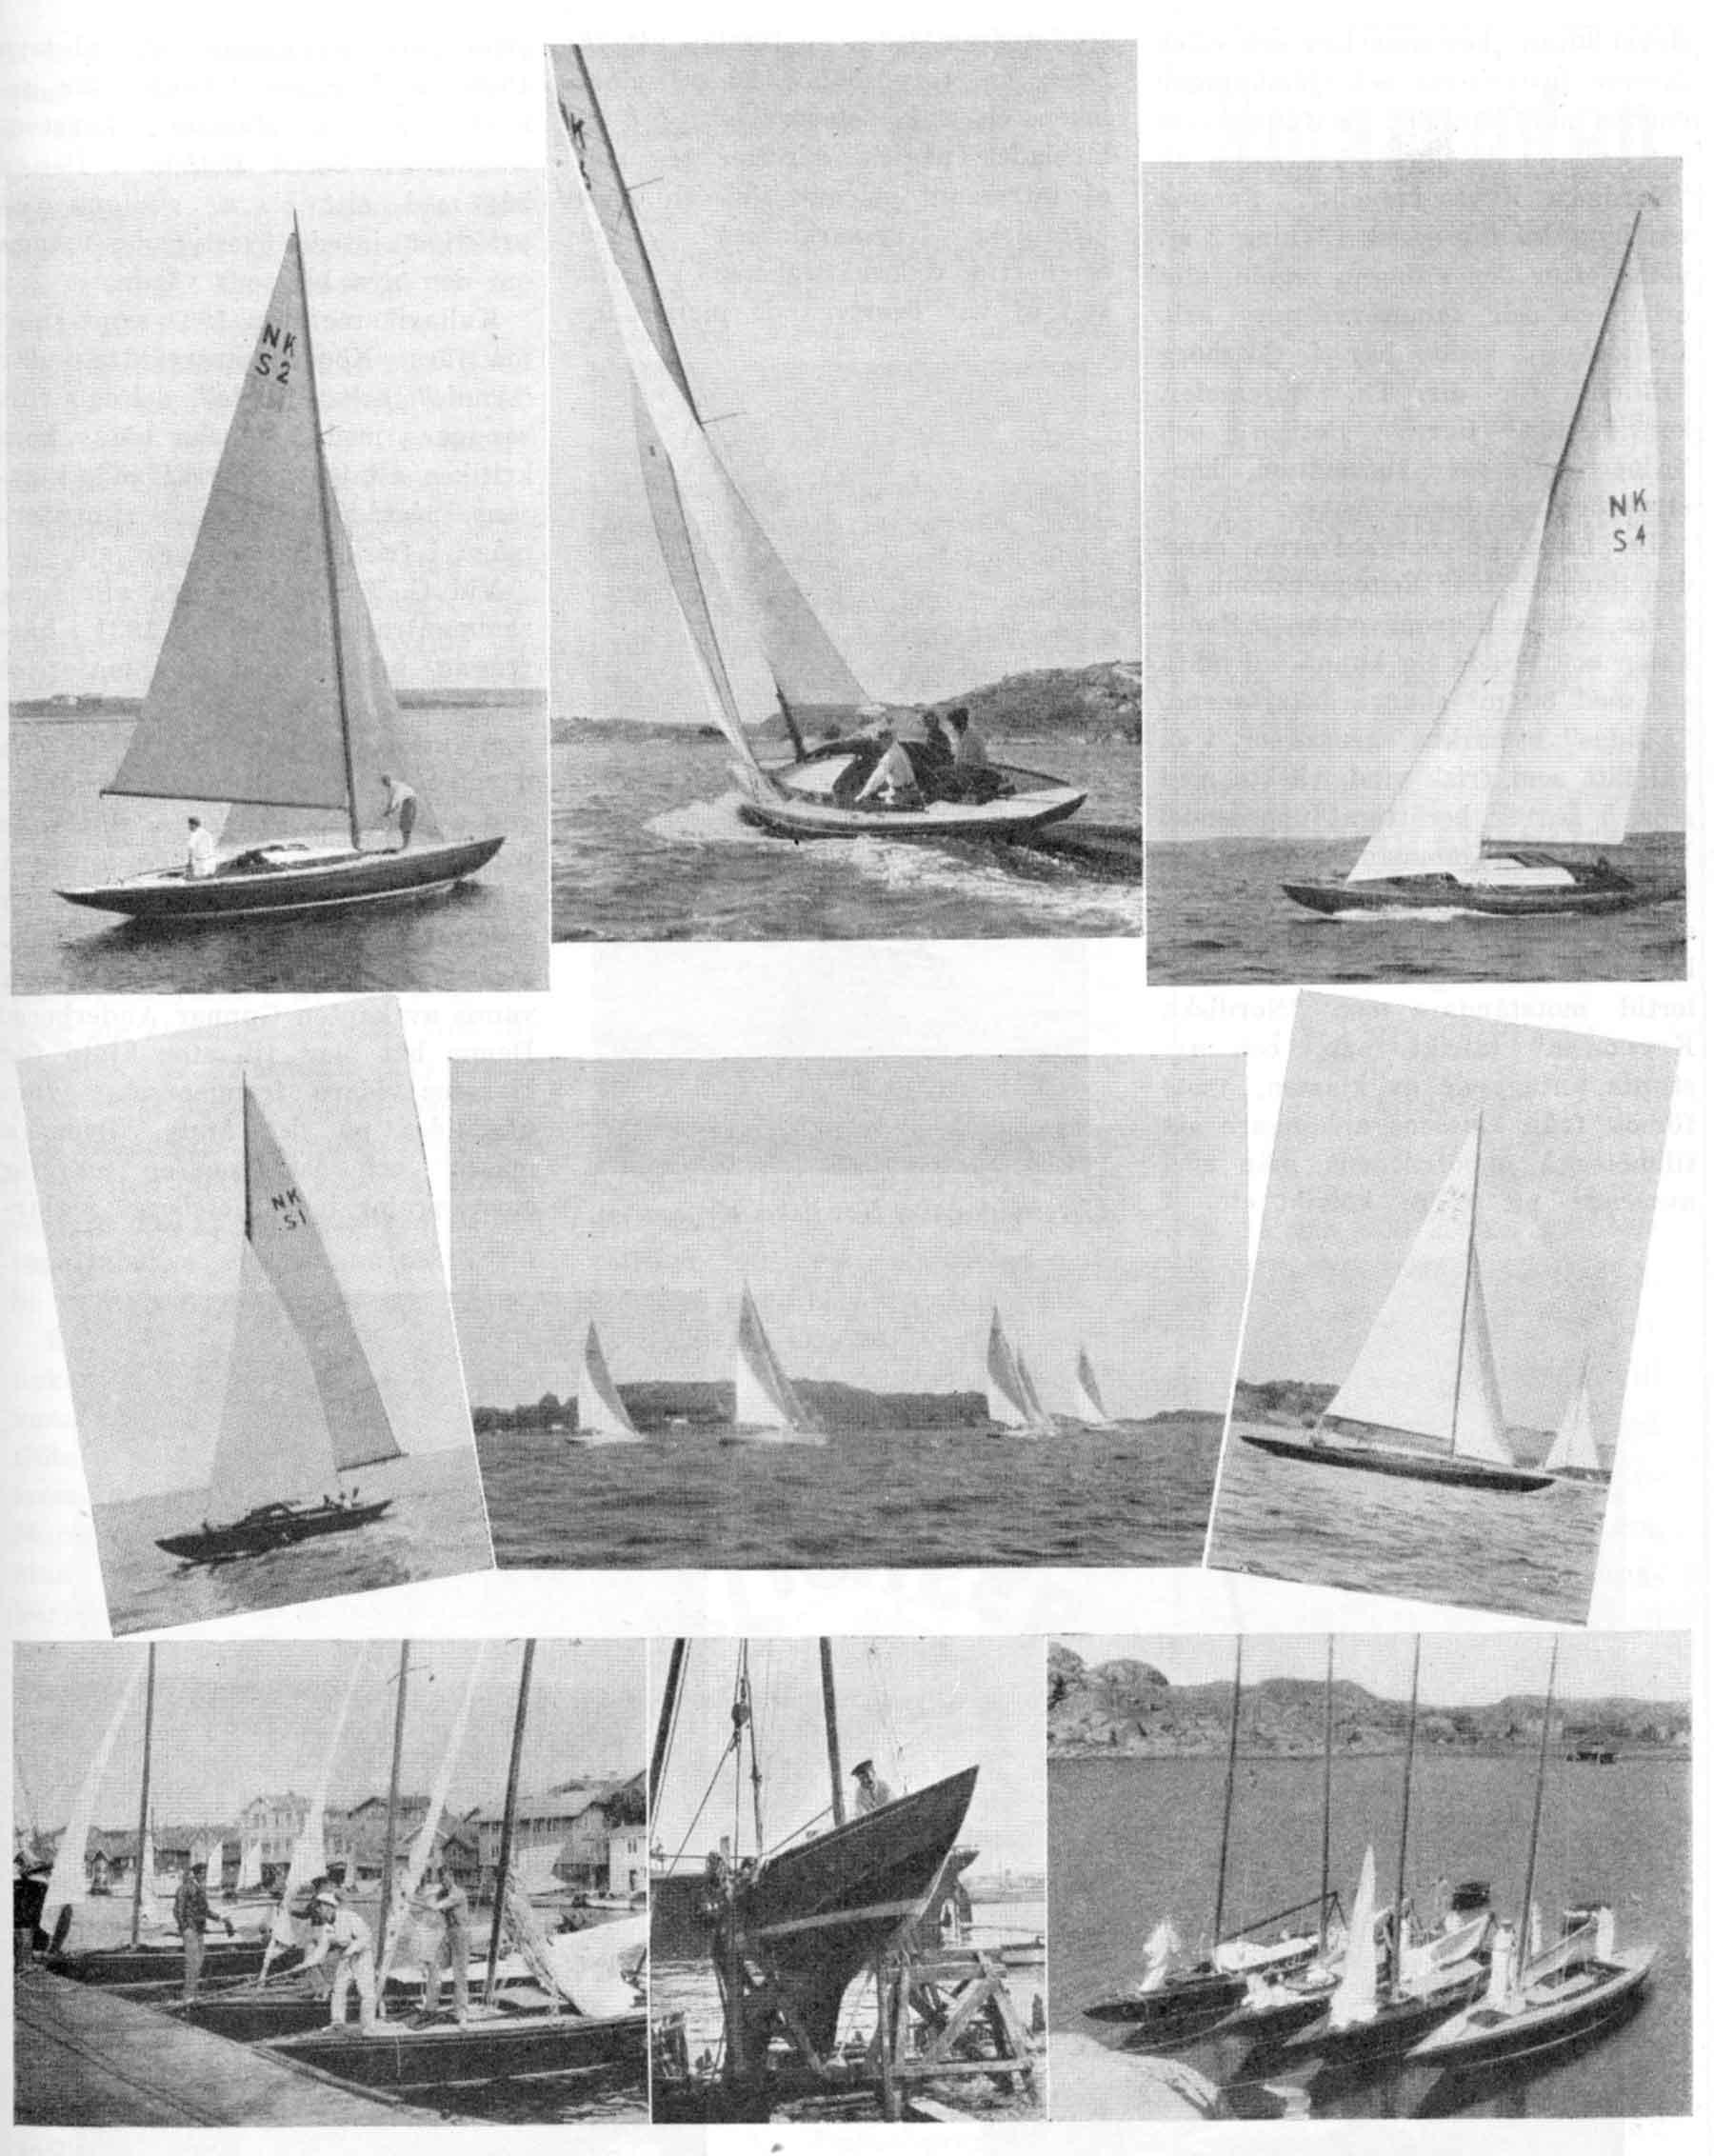 """Översta raden från vänster """"Albertina"""", """"Sunny II"""", """"Solglimt"""" (G. K. S. S. 1932). Mellersta raden från vänster """"Ellida"""", En kappsegling (vid Styrsö) i NK-klubben. """"Cynara"""", Nedersta raden från vänster I Smögens hamn """"Cynara"""", """"Sunny"""", """"Ellida"""". """"Sunny"""" på slipen. I Dyngö hamn fr. v. """"Annie"""", """"Cobra"""", """"Solglimt"""" och """"Ellida""""."""